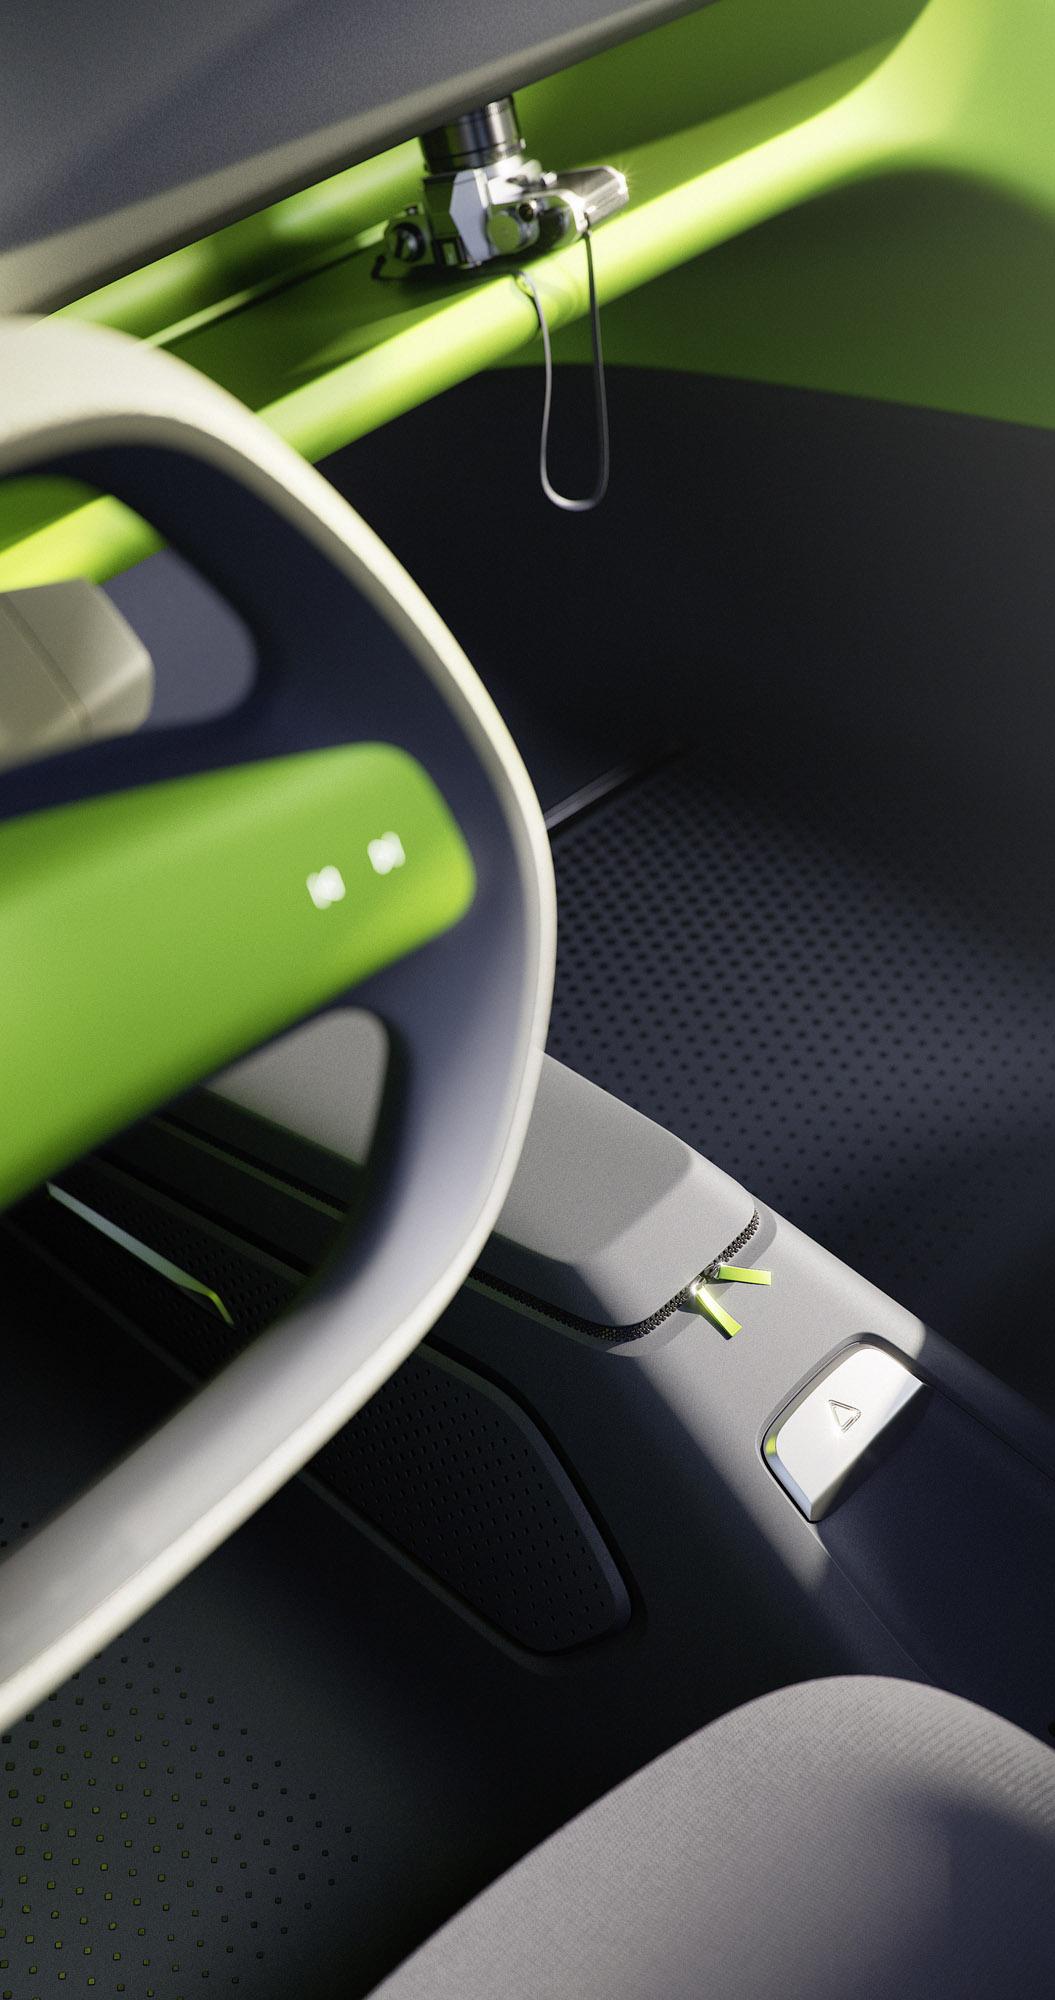 ID. BUGGY не нужна решетке радиатора, и все же автомобиль мгновенно узнаваем как машина VW. Поднимающийся капот, крылья и хвостовая часть напоминают внедорожник, в то время как овальные светодиодные фары и задние фонари 3D, логотип VW и кузов, кажетс